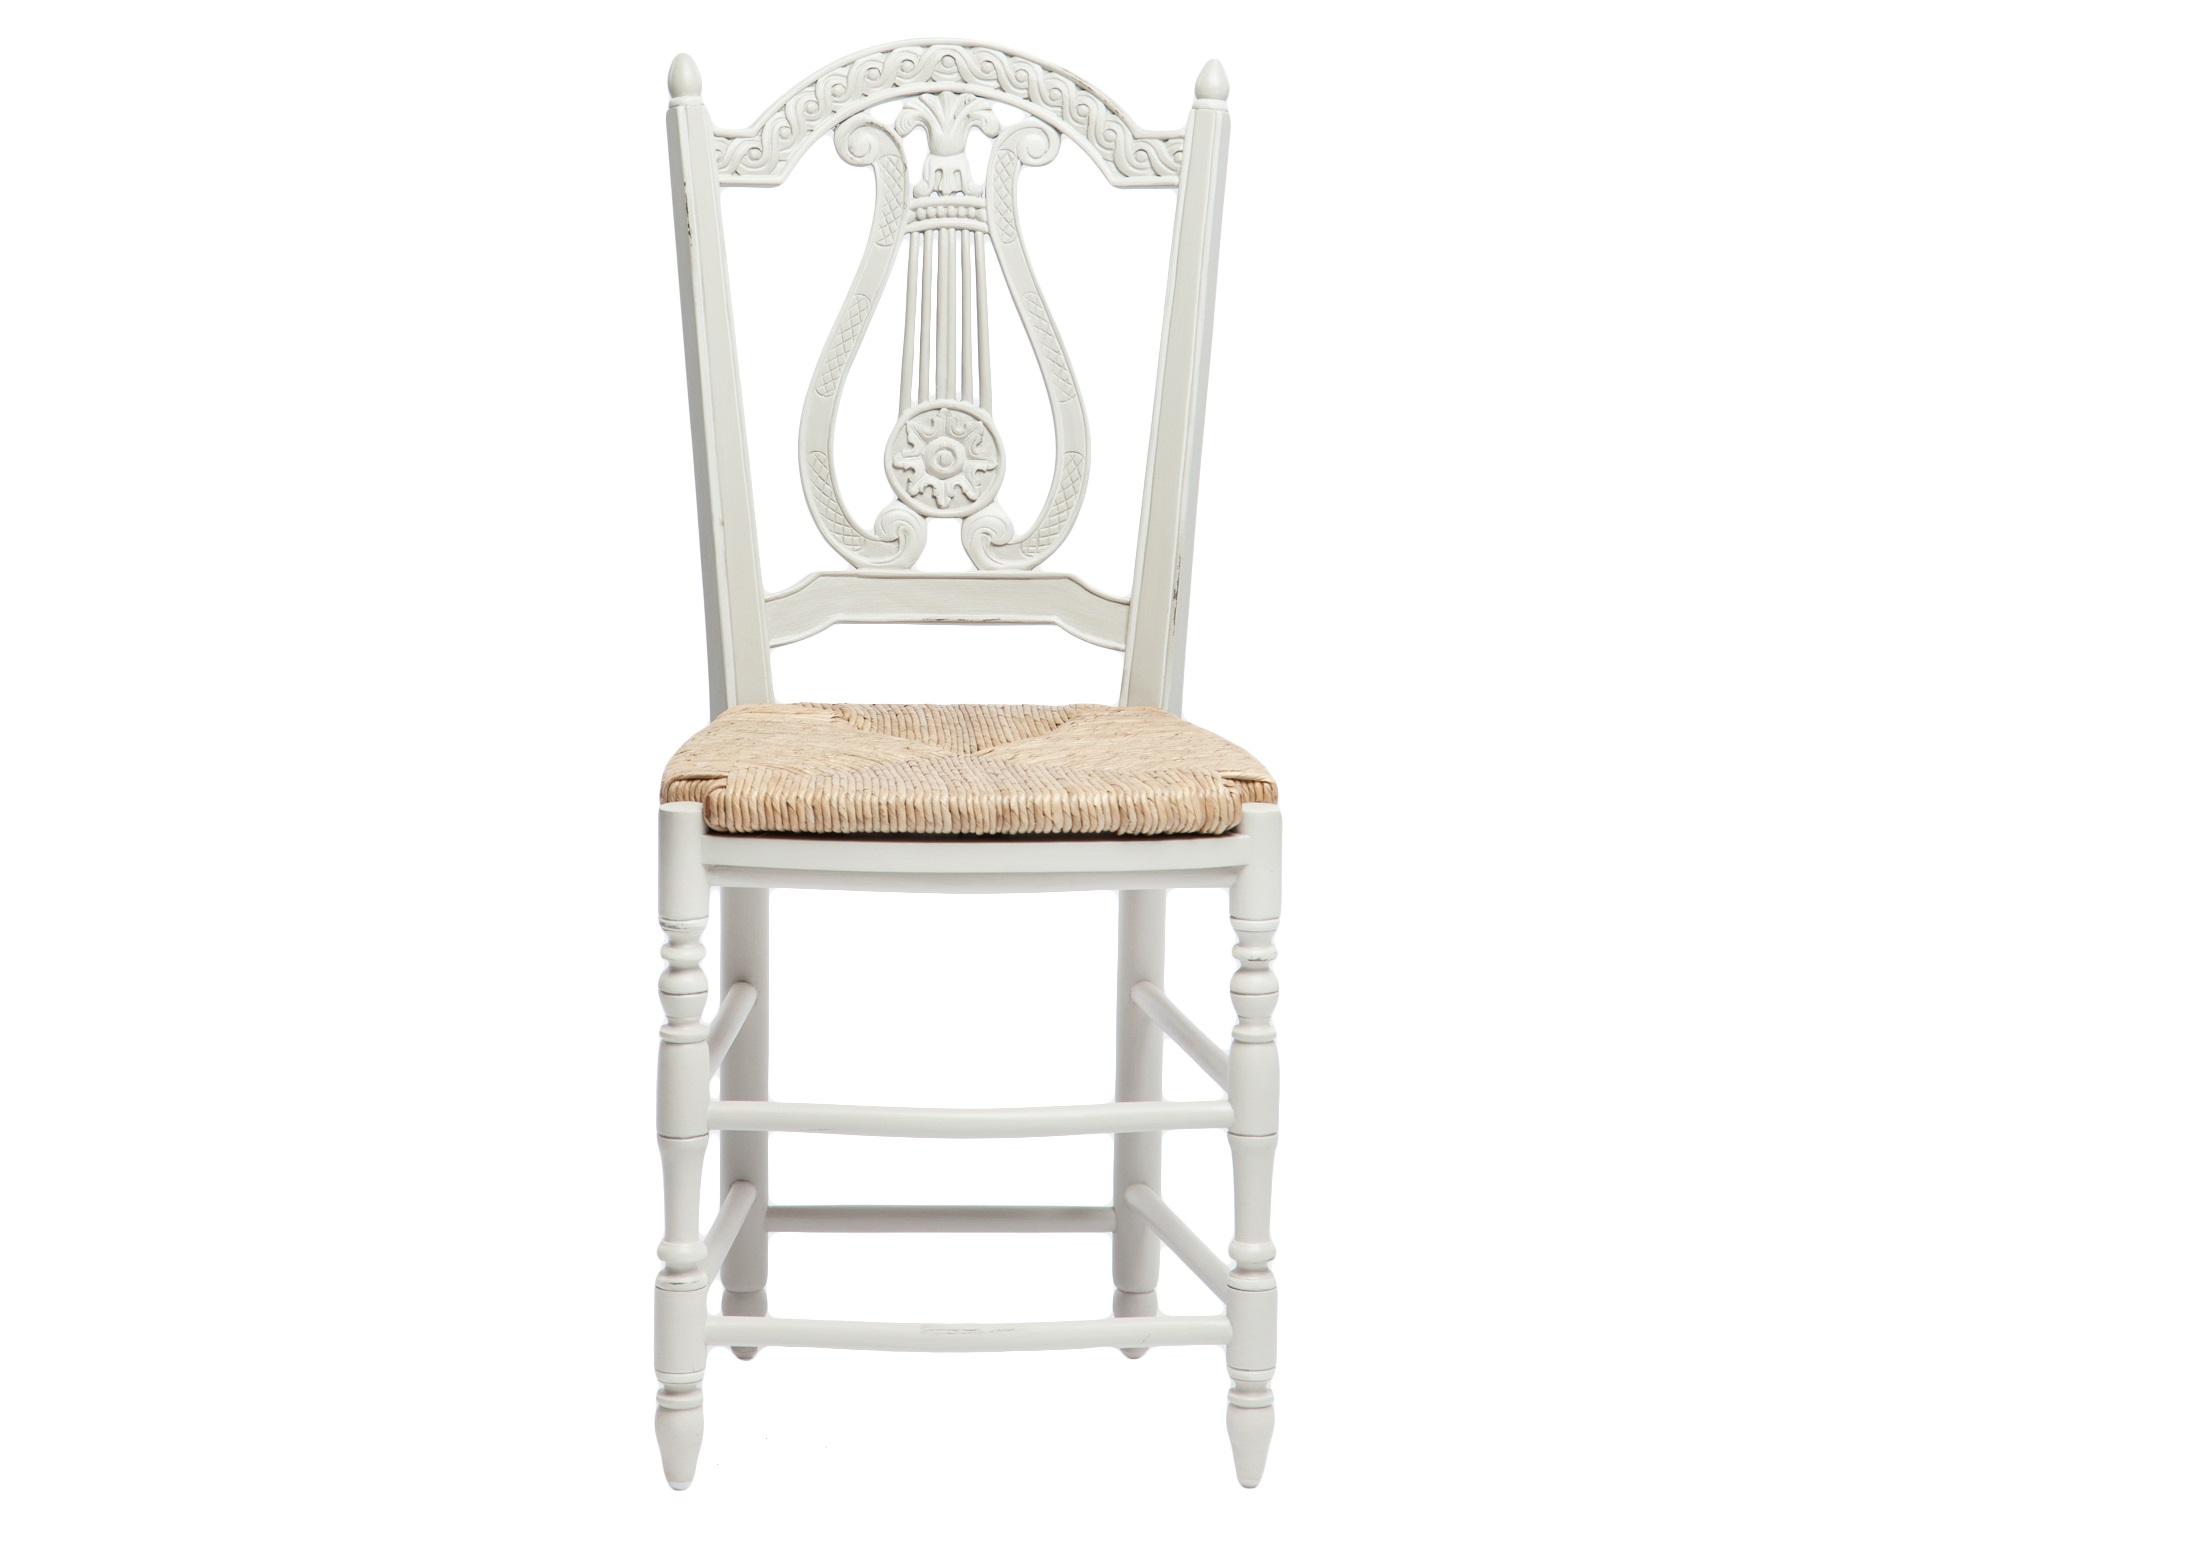 Стул ЛираОбеденные стулья<br>Стул из дерева махагони с резной спинкой и плетеным сиденьем.<br><br>Material: Красное дерево<br>Width см: 72<br>Depth см: 70<br>Height см: 85